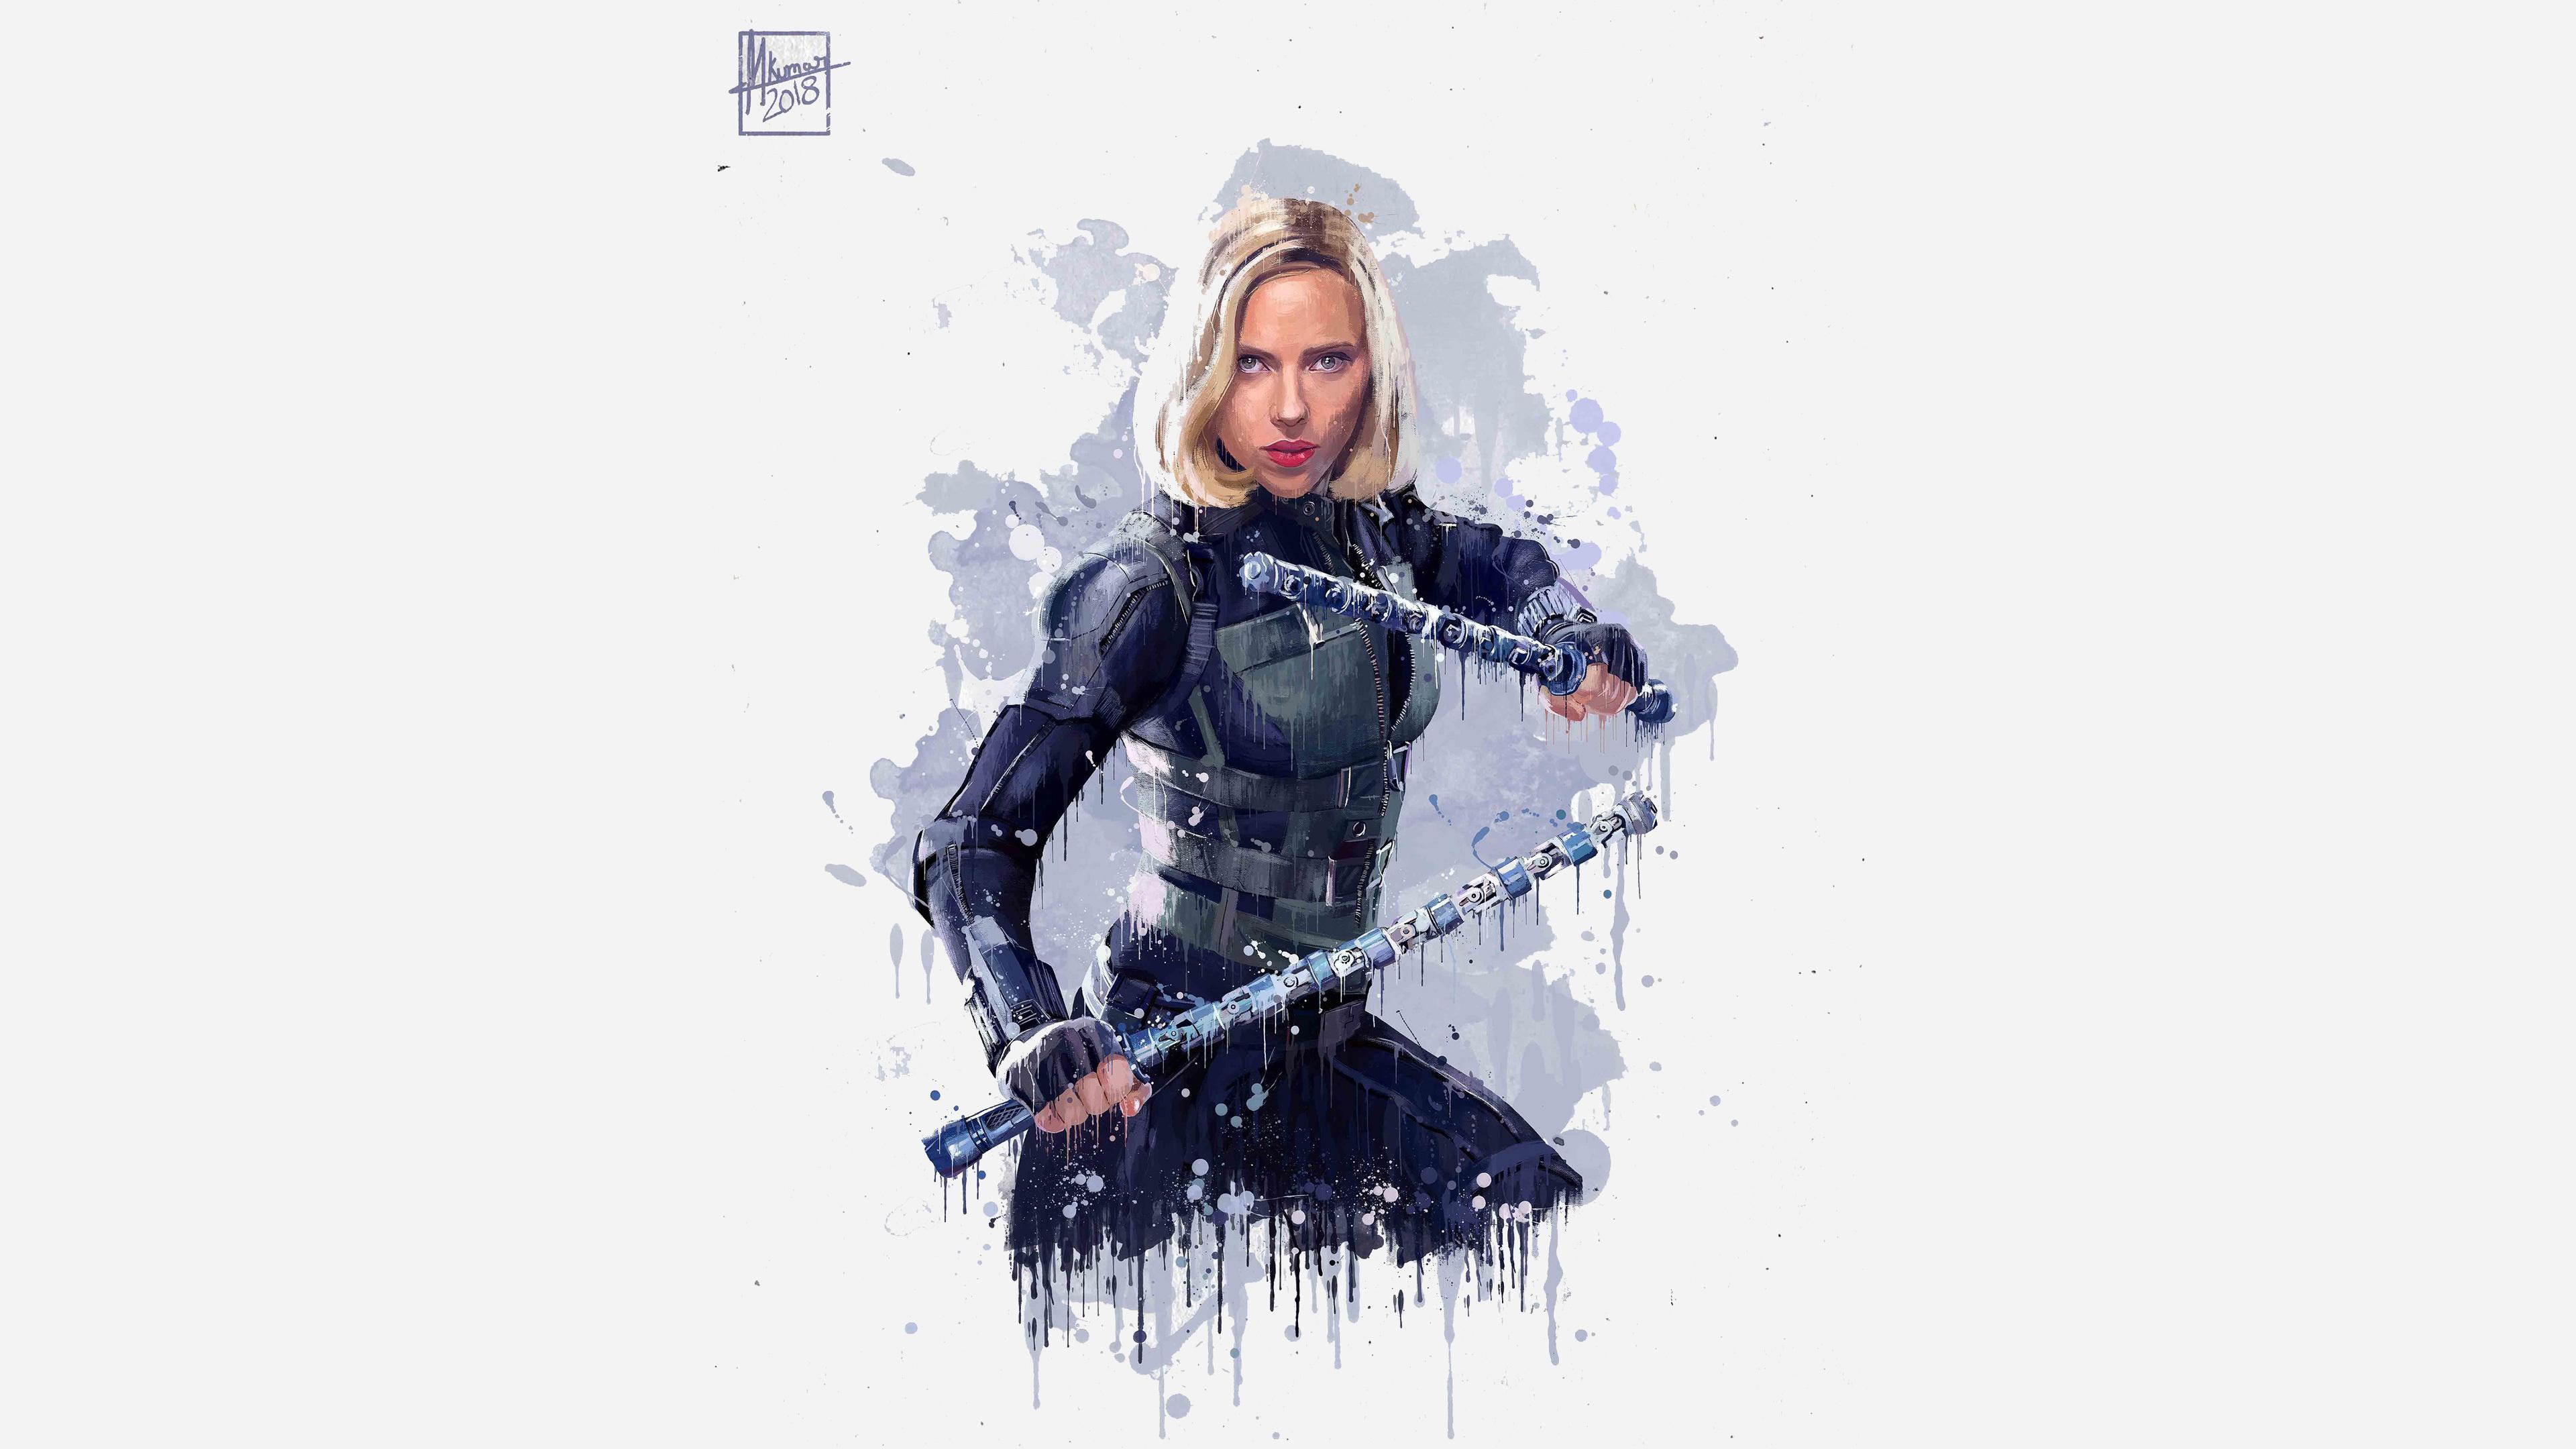 Black widow, Avengers: infinity war, artwork, 2018, 3840x2400 wallpaper